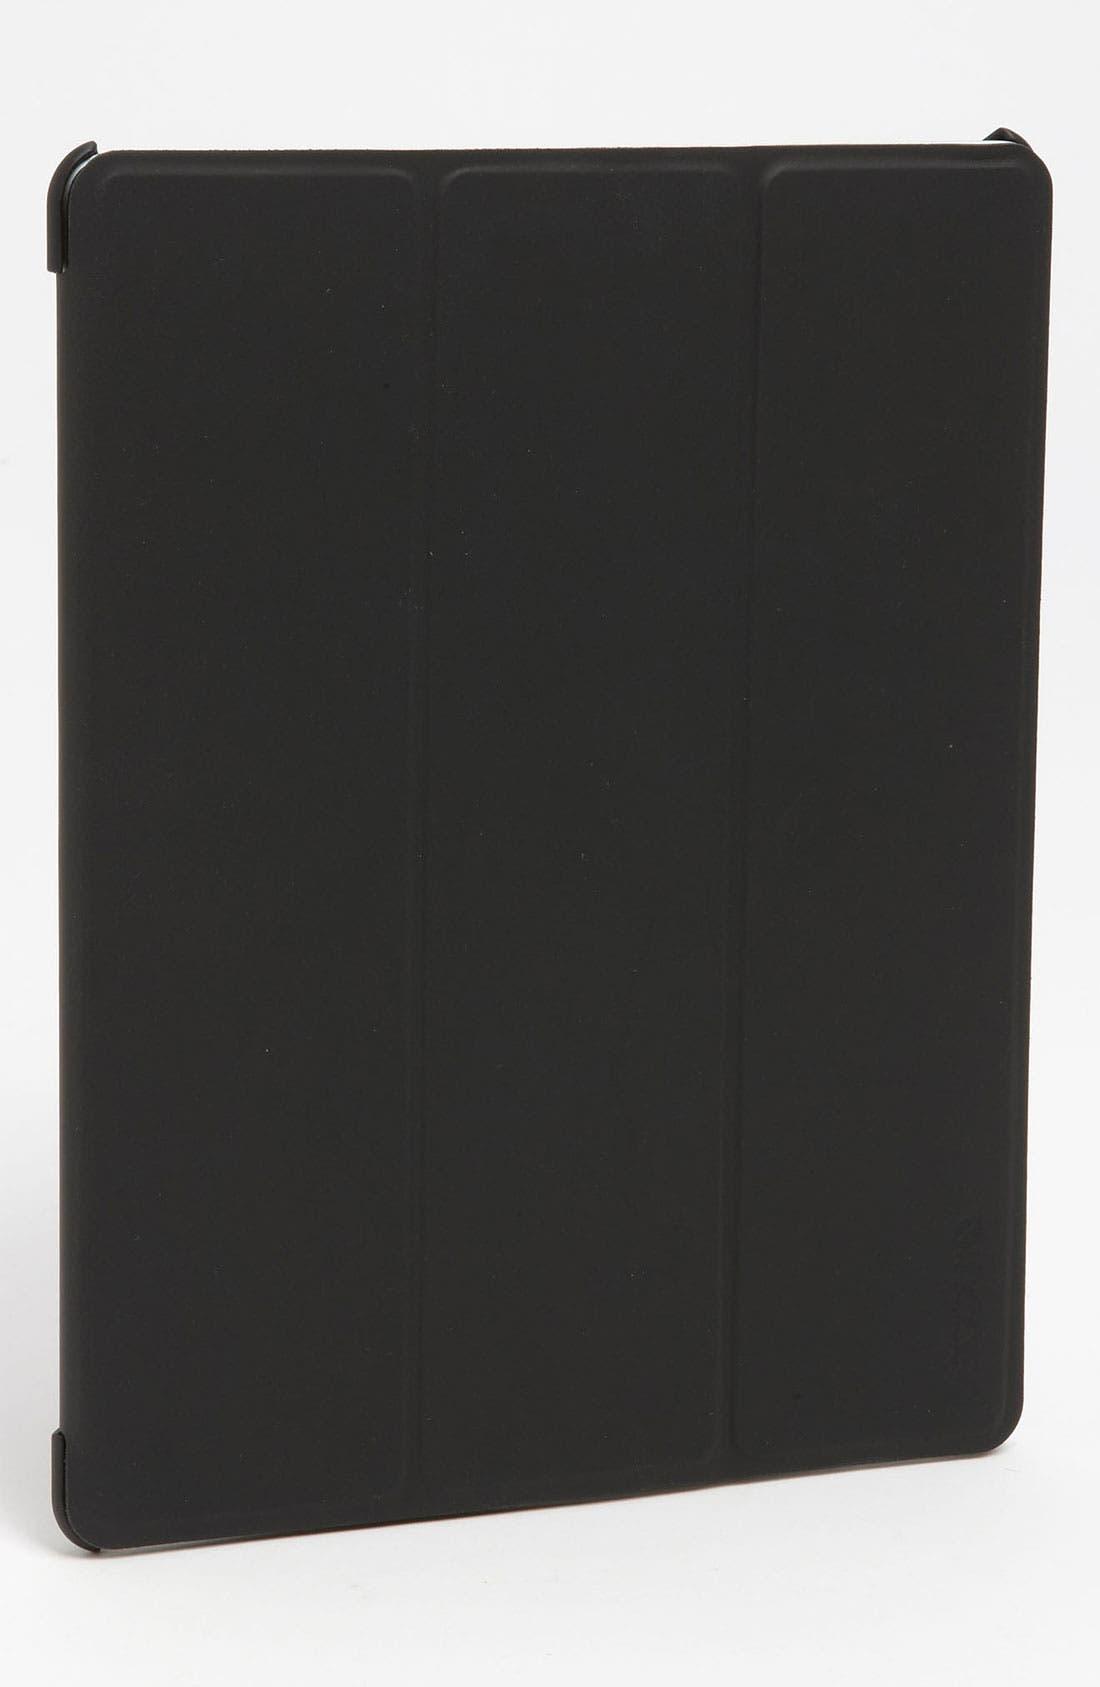 Alternate Image 1 Selected - Incase Designs 'Magazine Jacket' iPad Case